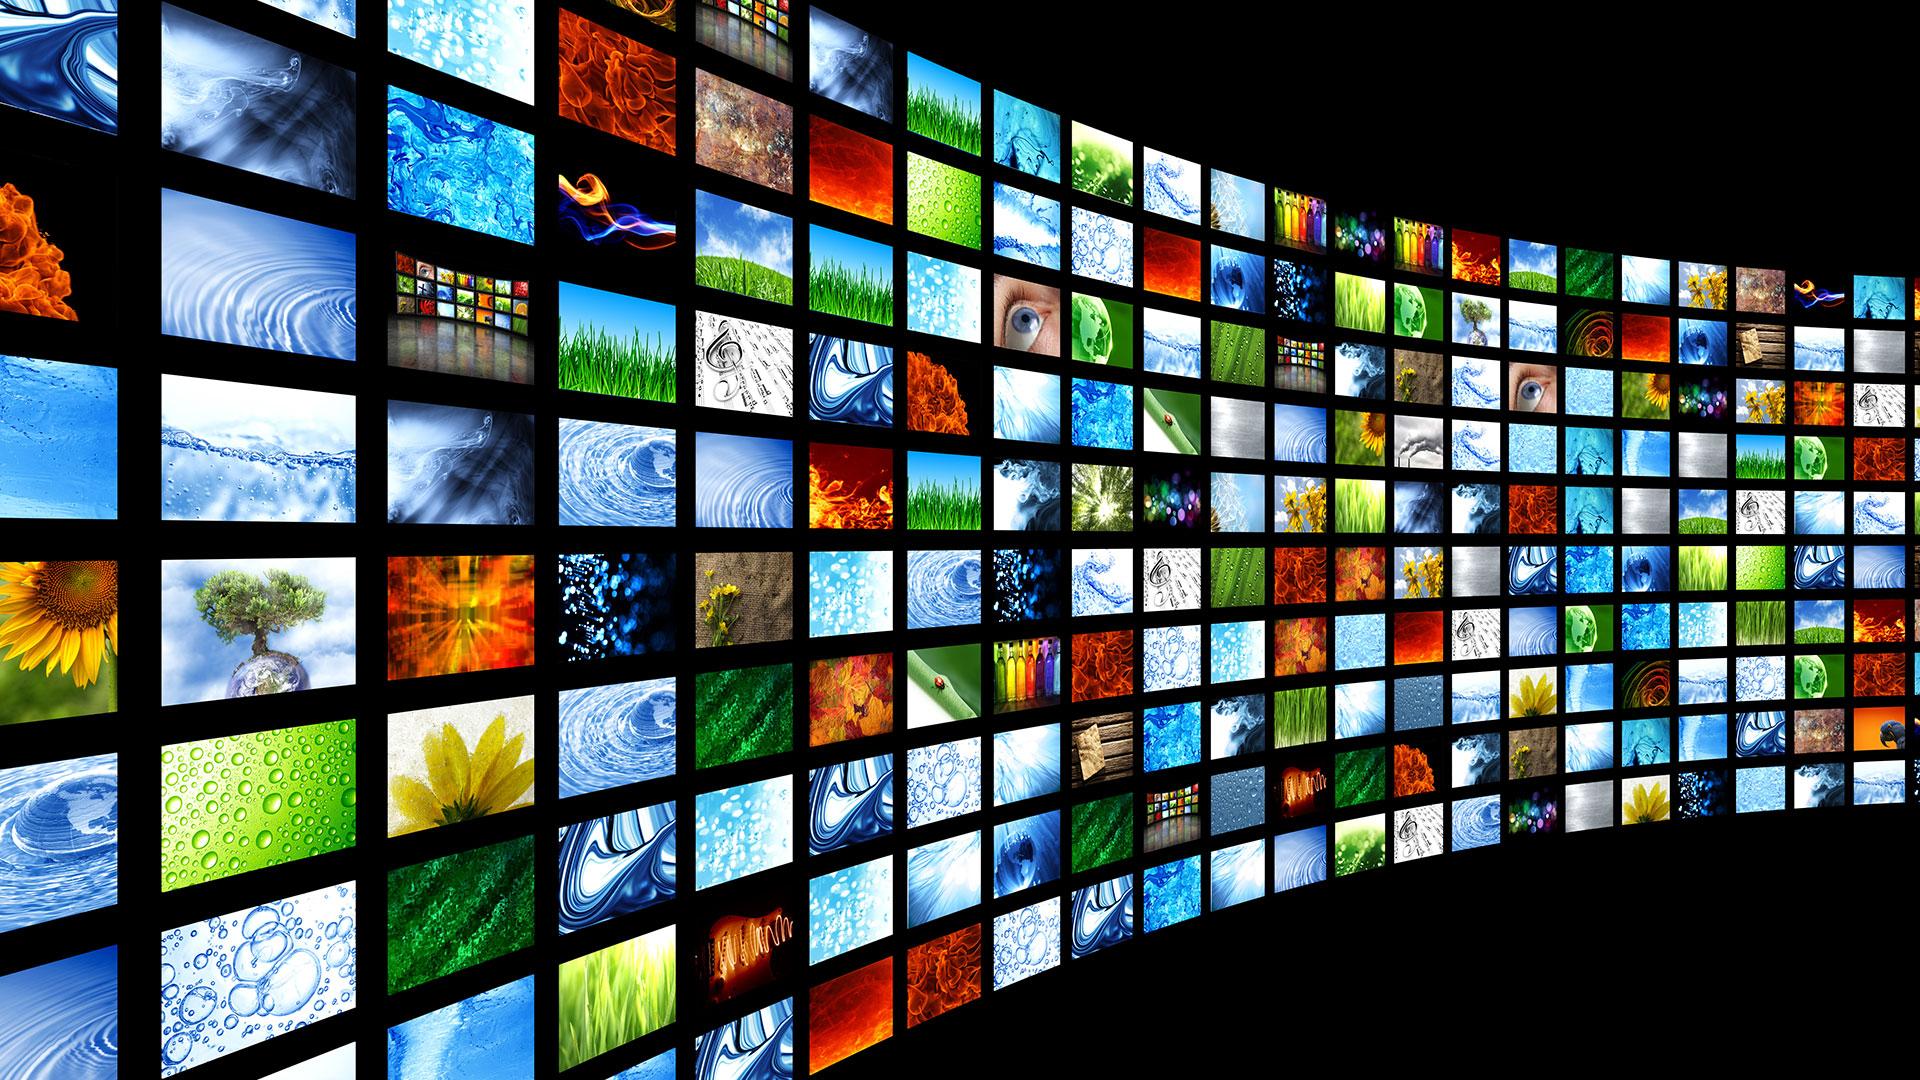 Video Hazırlayan Şirketler Daha Hızlı Müşteri Kazanıyor!